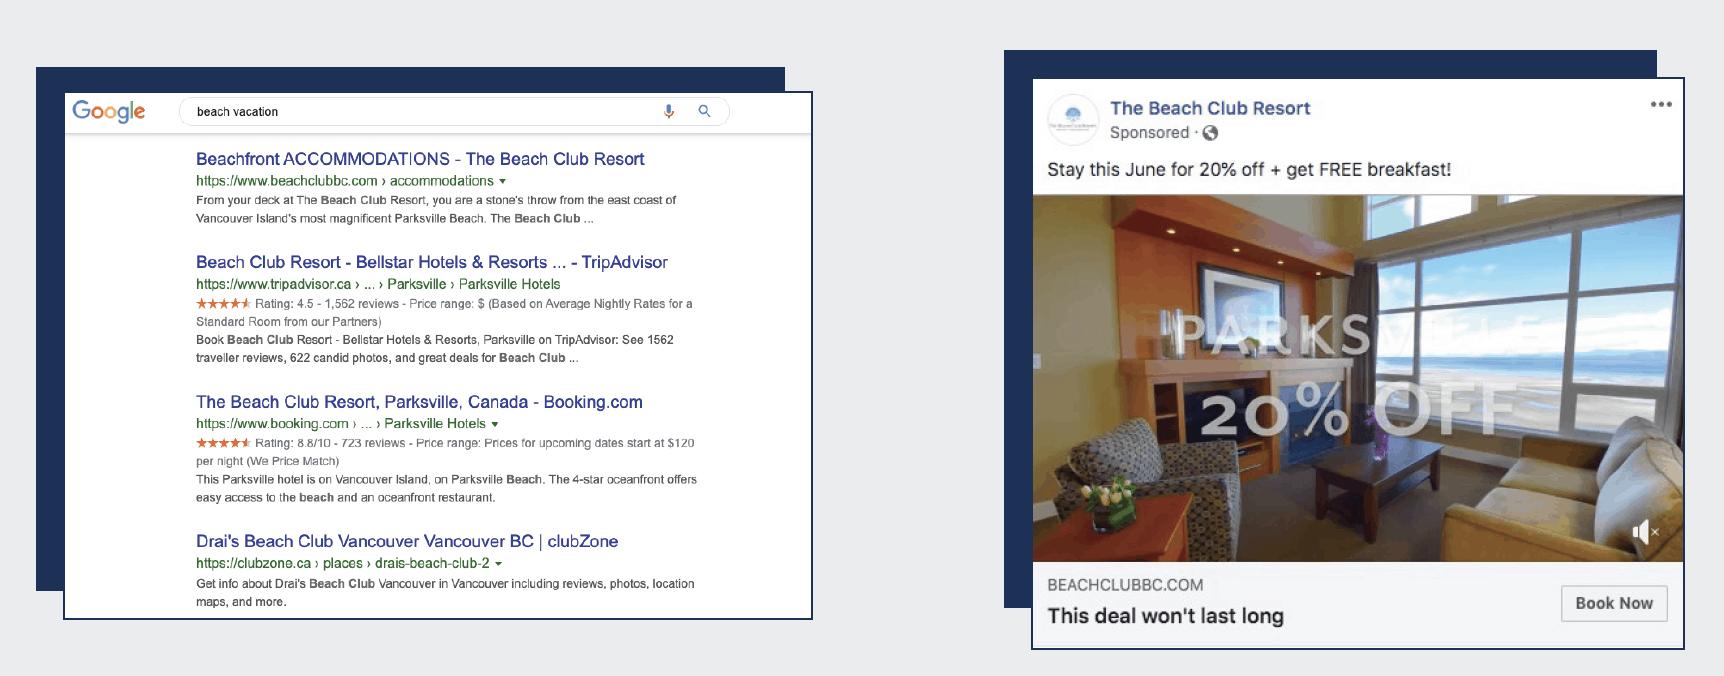 الدمج بين إعلانات جوجل وفيسبوك لزيادة التحويلات خلال رحلة العميل 5